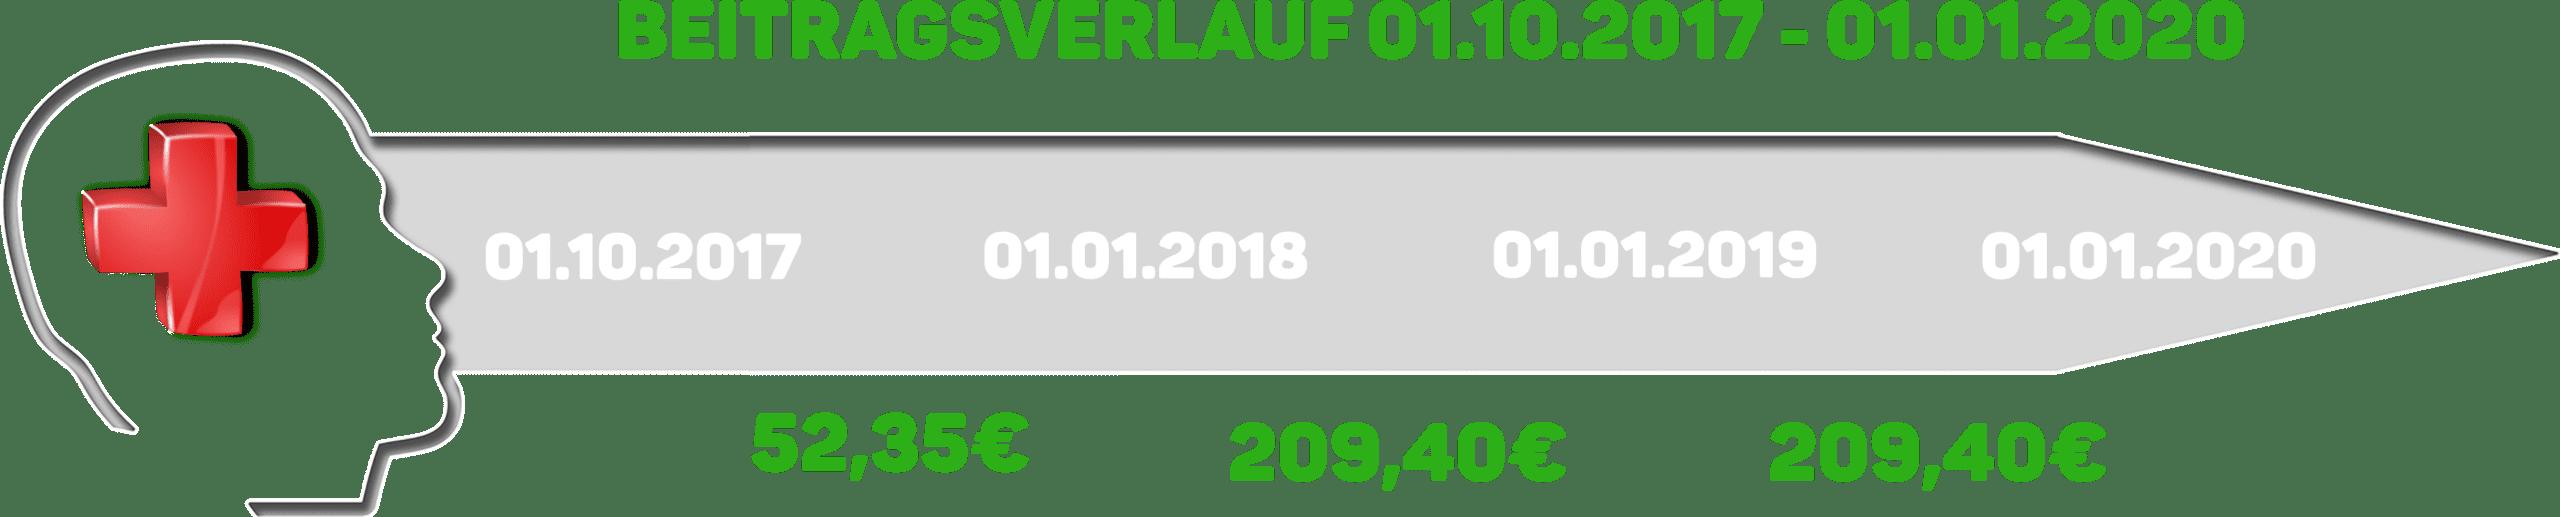 KV Zusatz Beitragsentwicklung Countdown VorsorgePRIVAT 1 - Private Krankenzusatzversicherungen